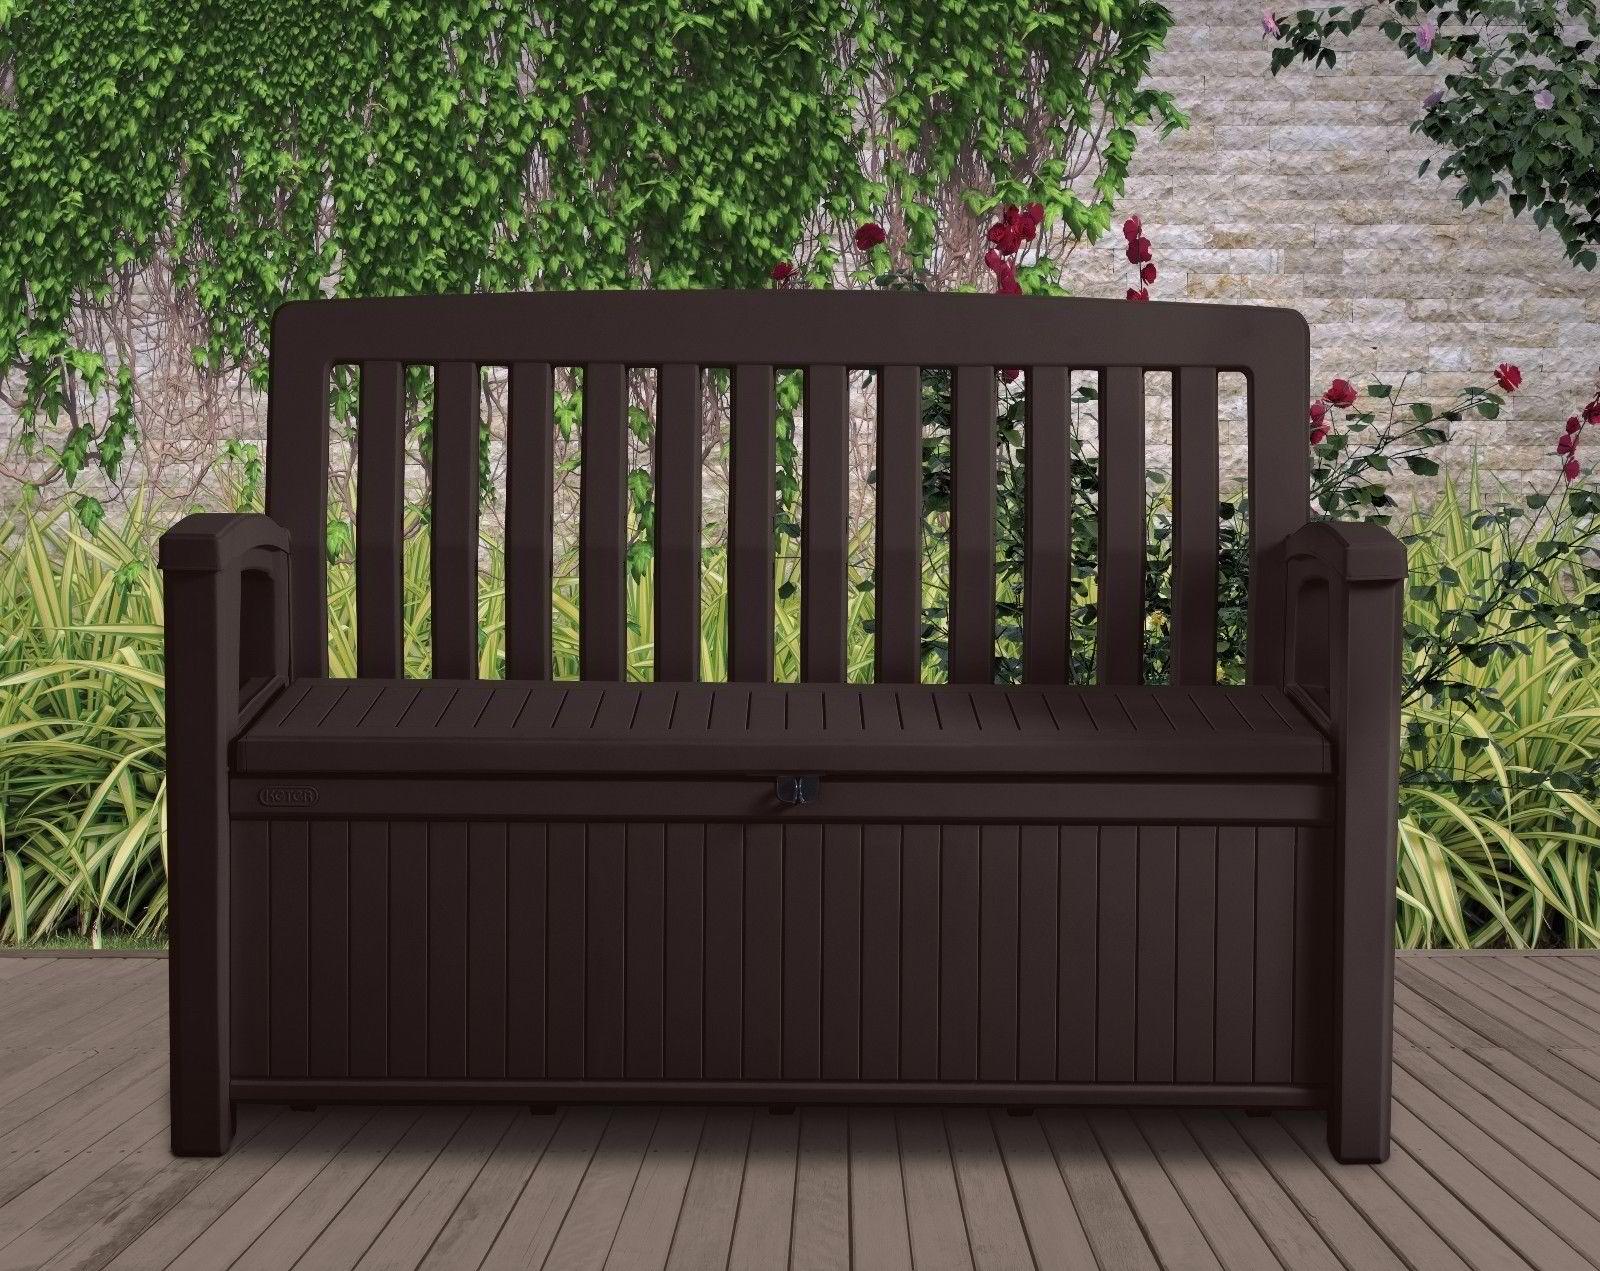 Patio Storage Bench Keter Outdoor Seat Garden Chair Box